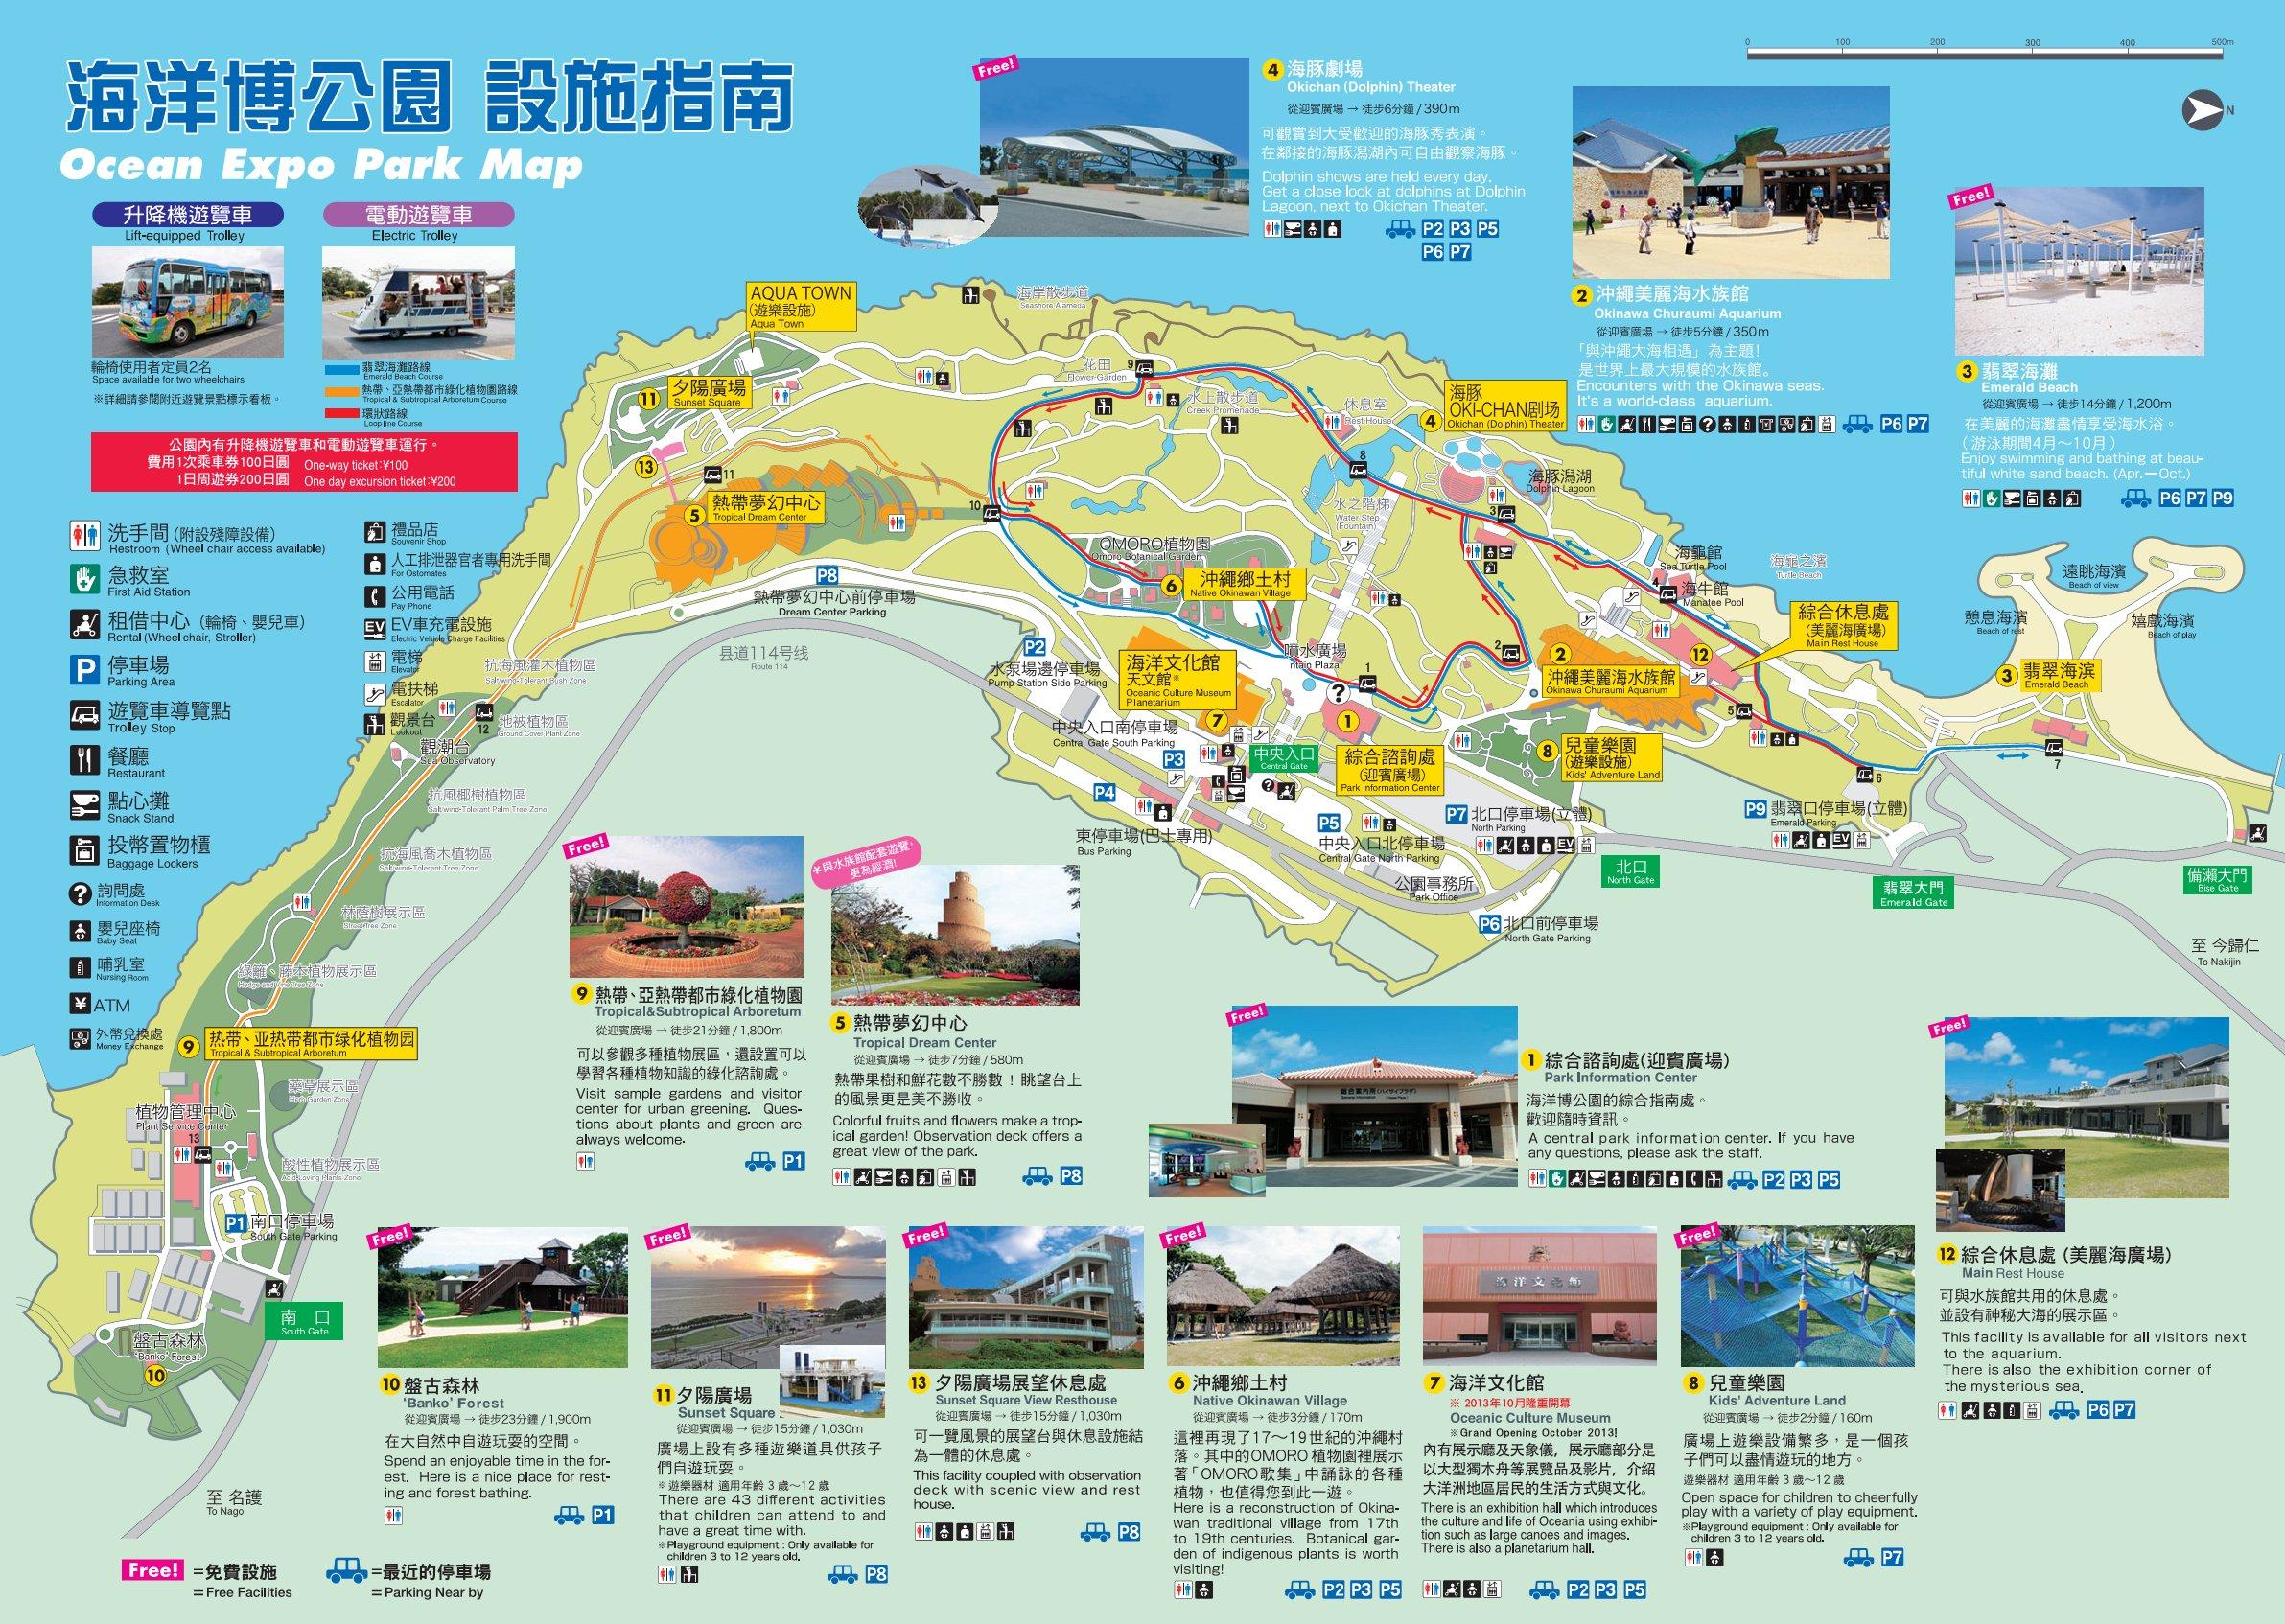 【日本】沖繩冬季自駕遊2016.5-2 海洋博公園 @ Once in a life time :: 痞客邦